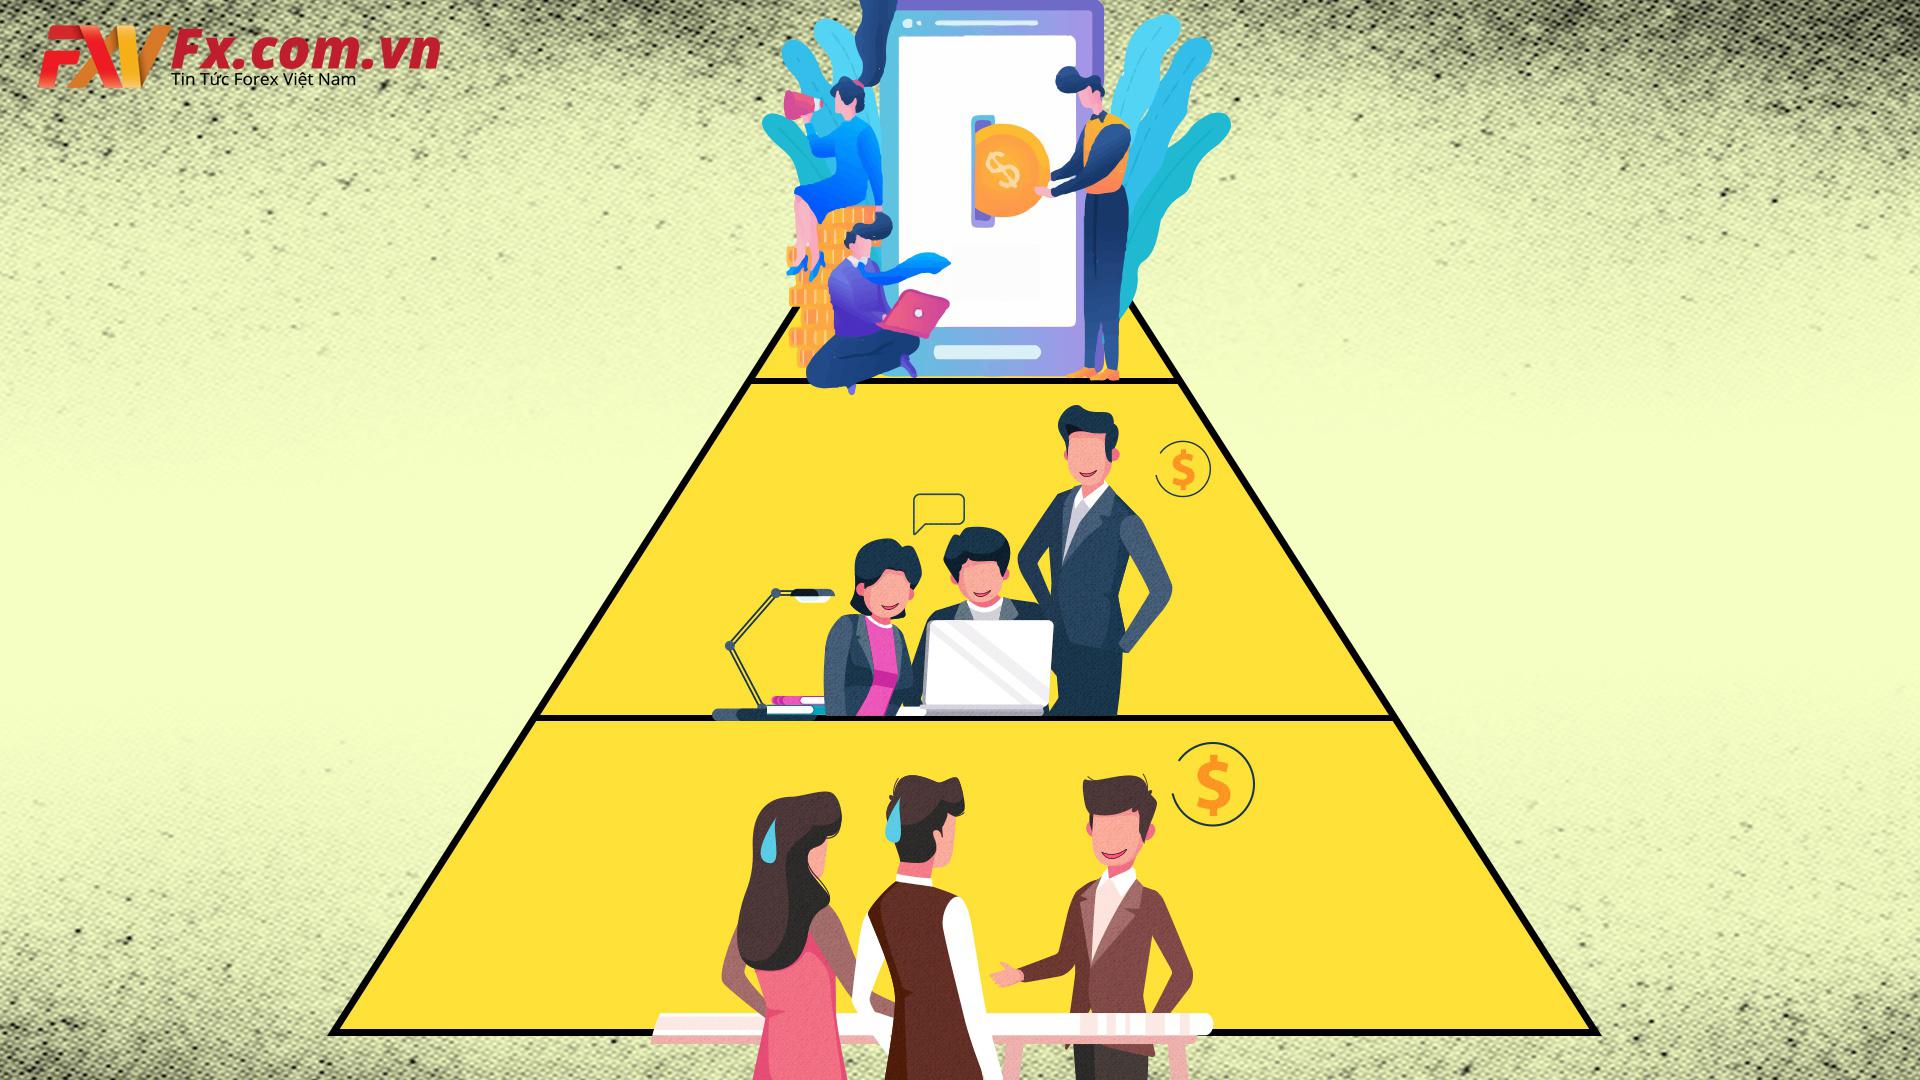 Những dấu hiệu lừa đảo của mô hình kim tự tháp Ponzi